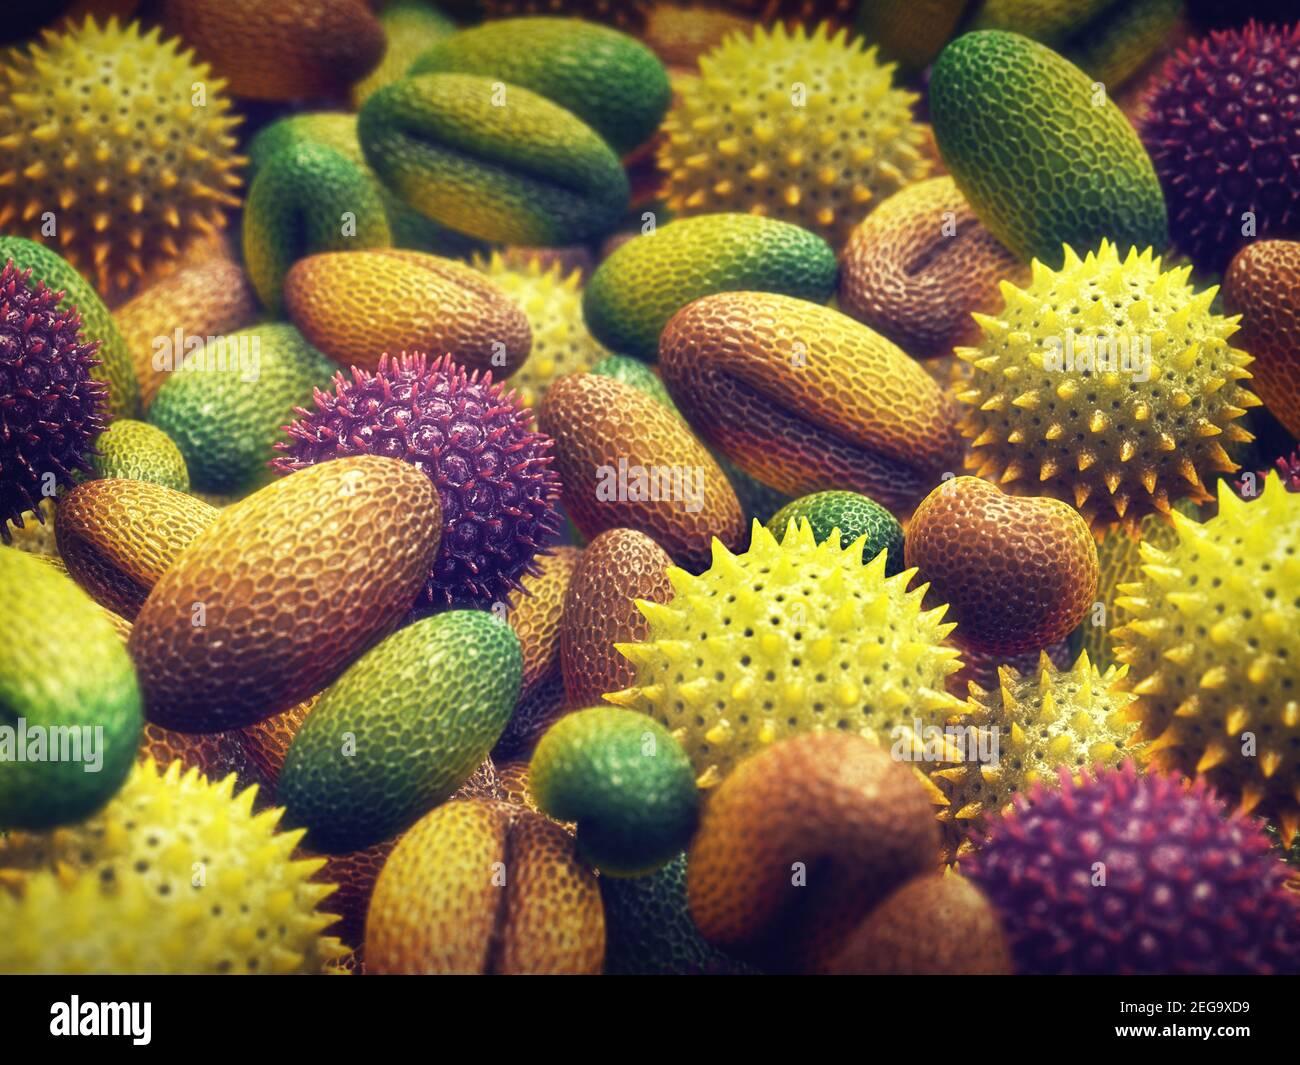 L'allergie au pollen est également connue sous le nom de rhume des foins ou de rhinite allergique. Banque D'Images